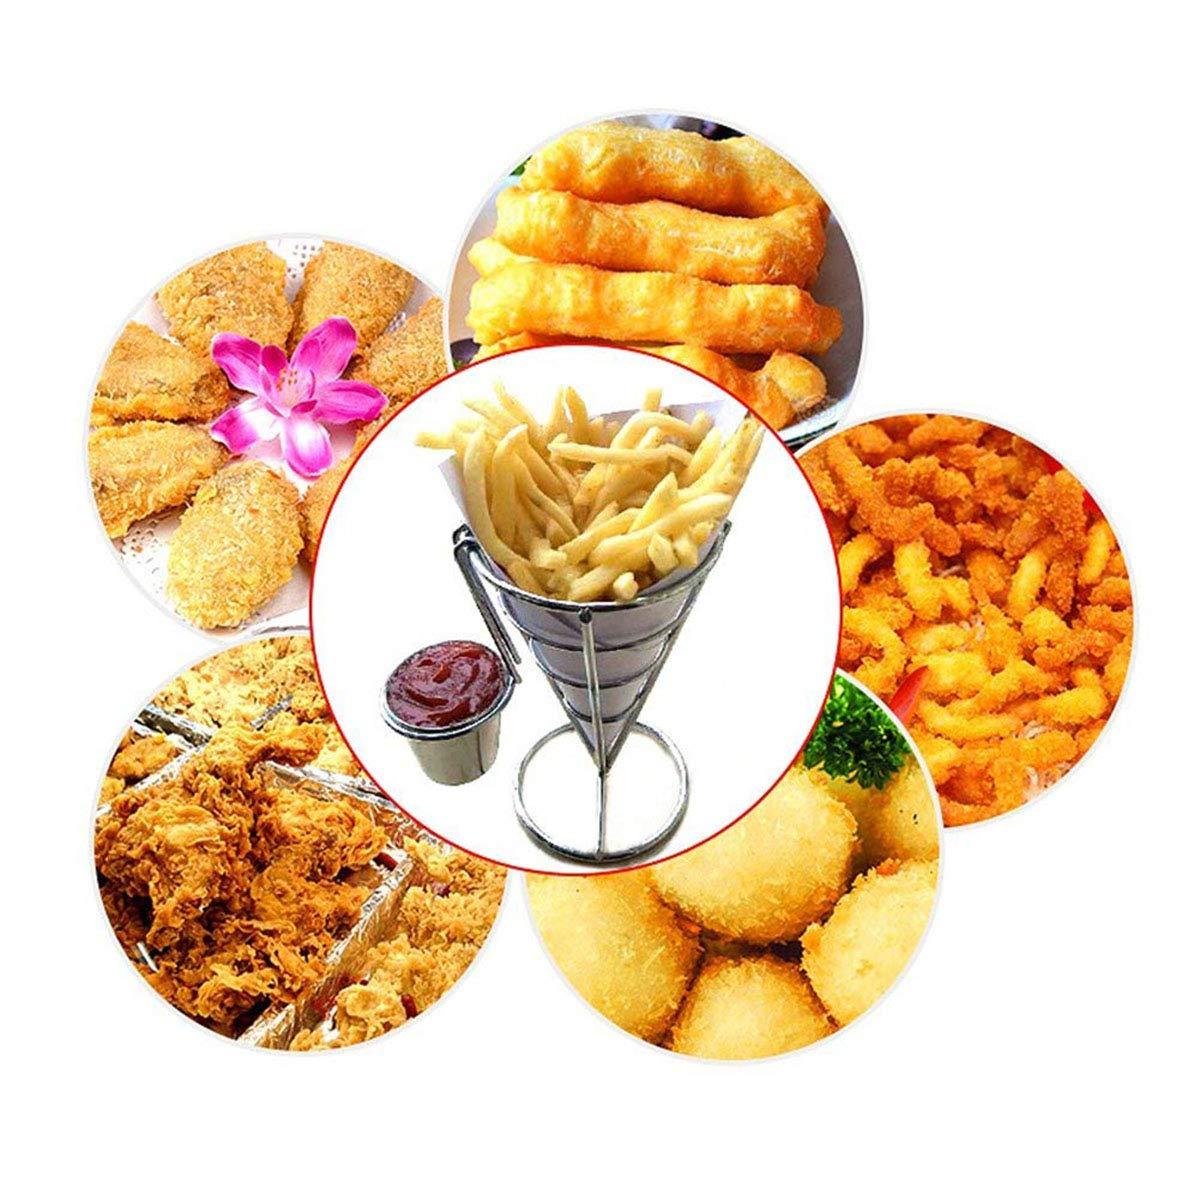 OUBORUI Cono Francés Fries Soporte con Vaso de Salsa para Hogar Cocina Fiestas y Restaurantes: Amazon.es: Hogar